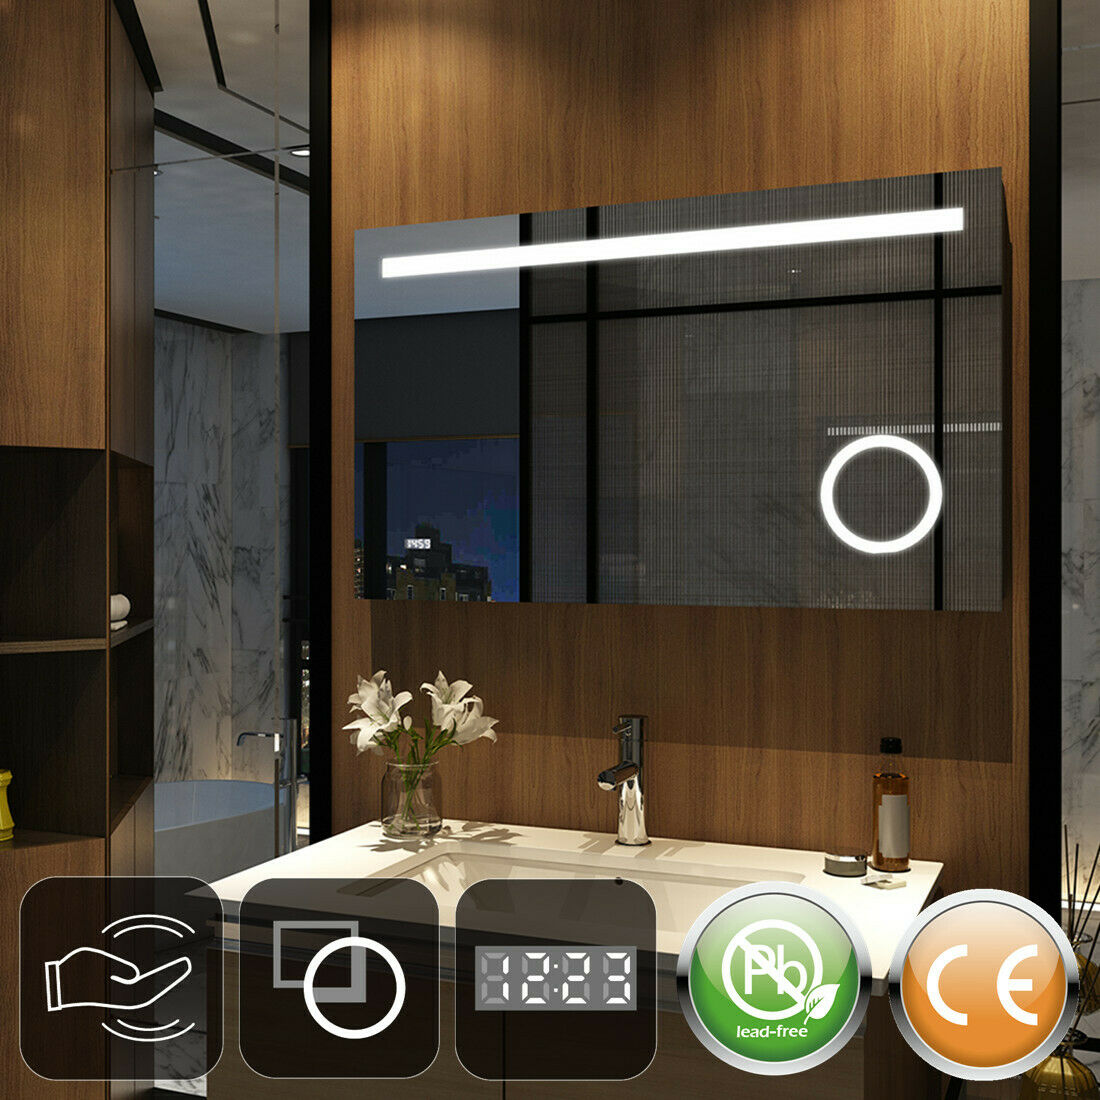 LED Badspiegel 80x60 100x60 12x60 Wandspiegel mit Sensor-schalter, Uhr Spiegel